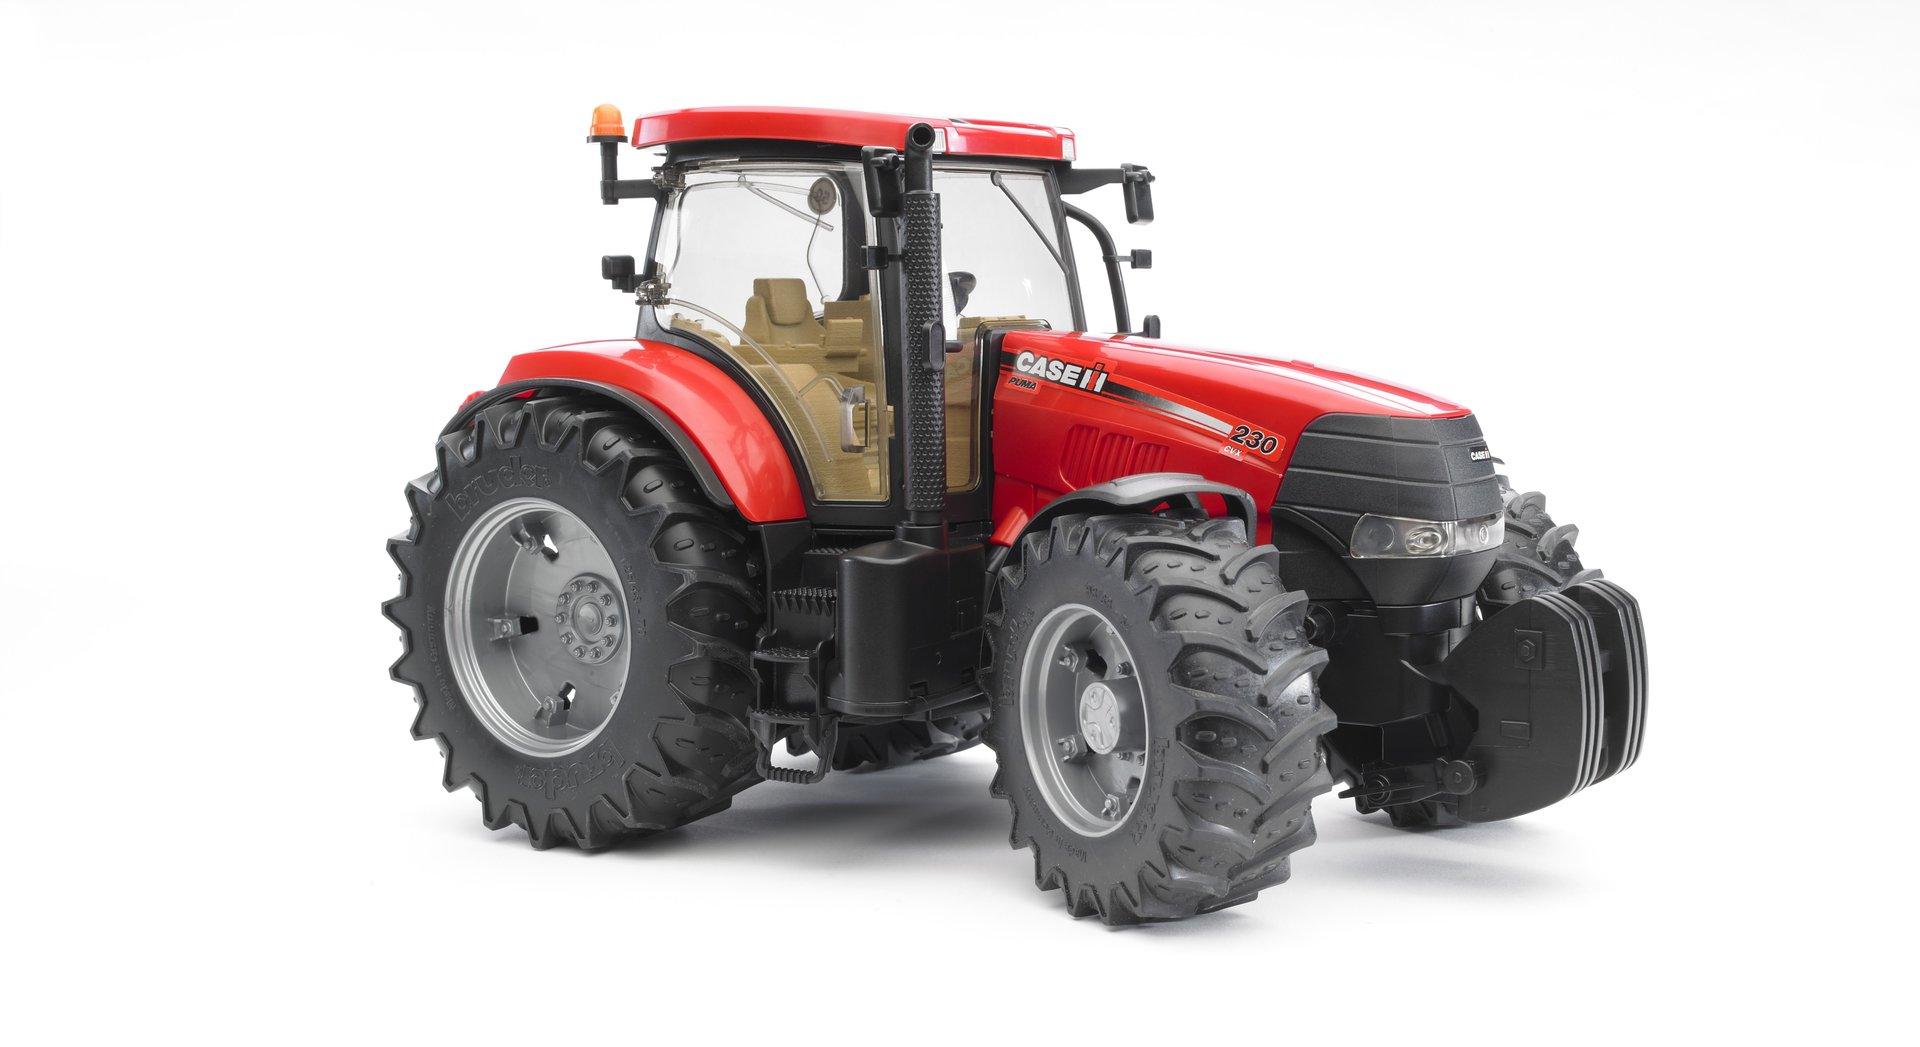 case cvx 230 bruder case traktor bruder cvx 230 bruder cvx. Black Bedroom Furniture Sets. Home Design Ideas